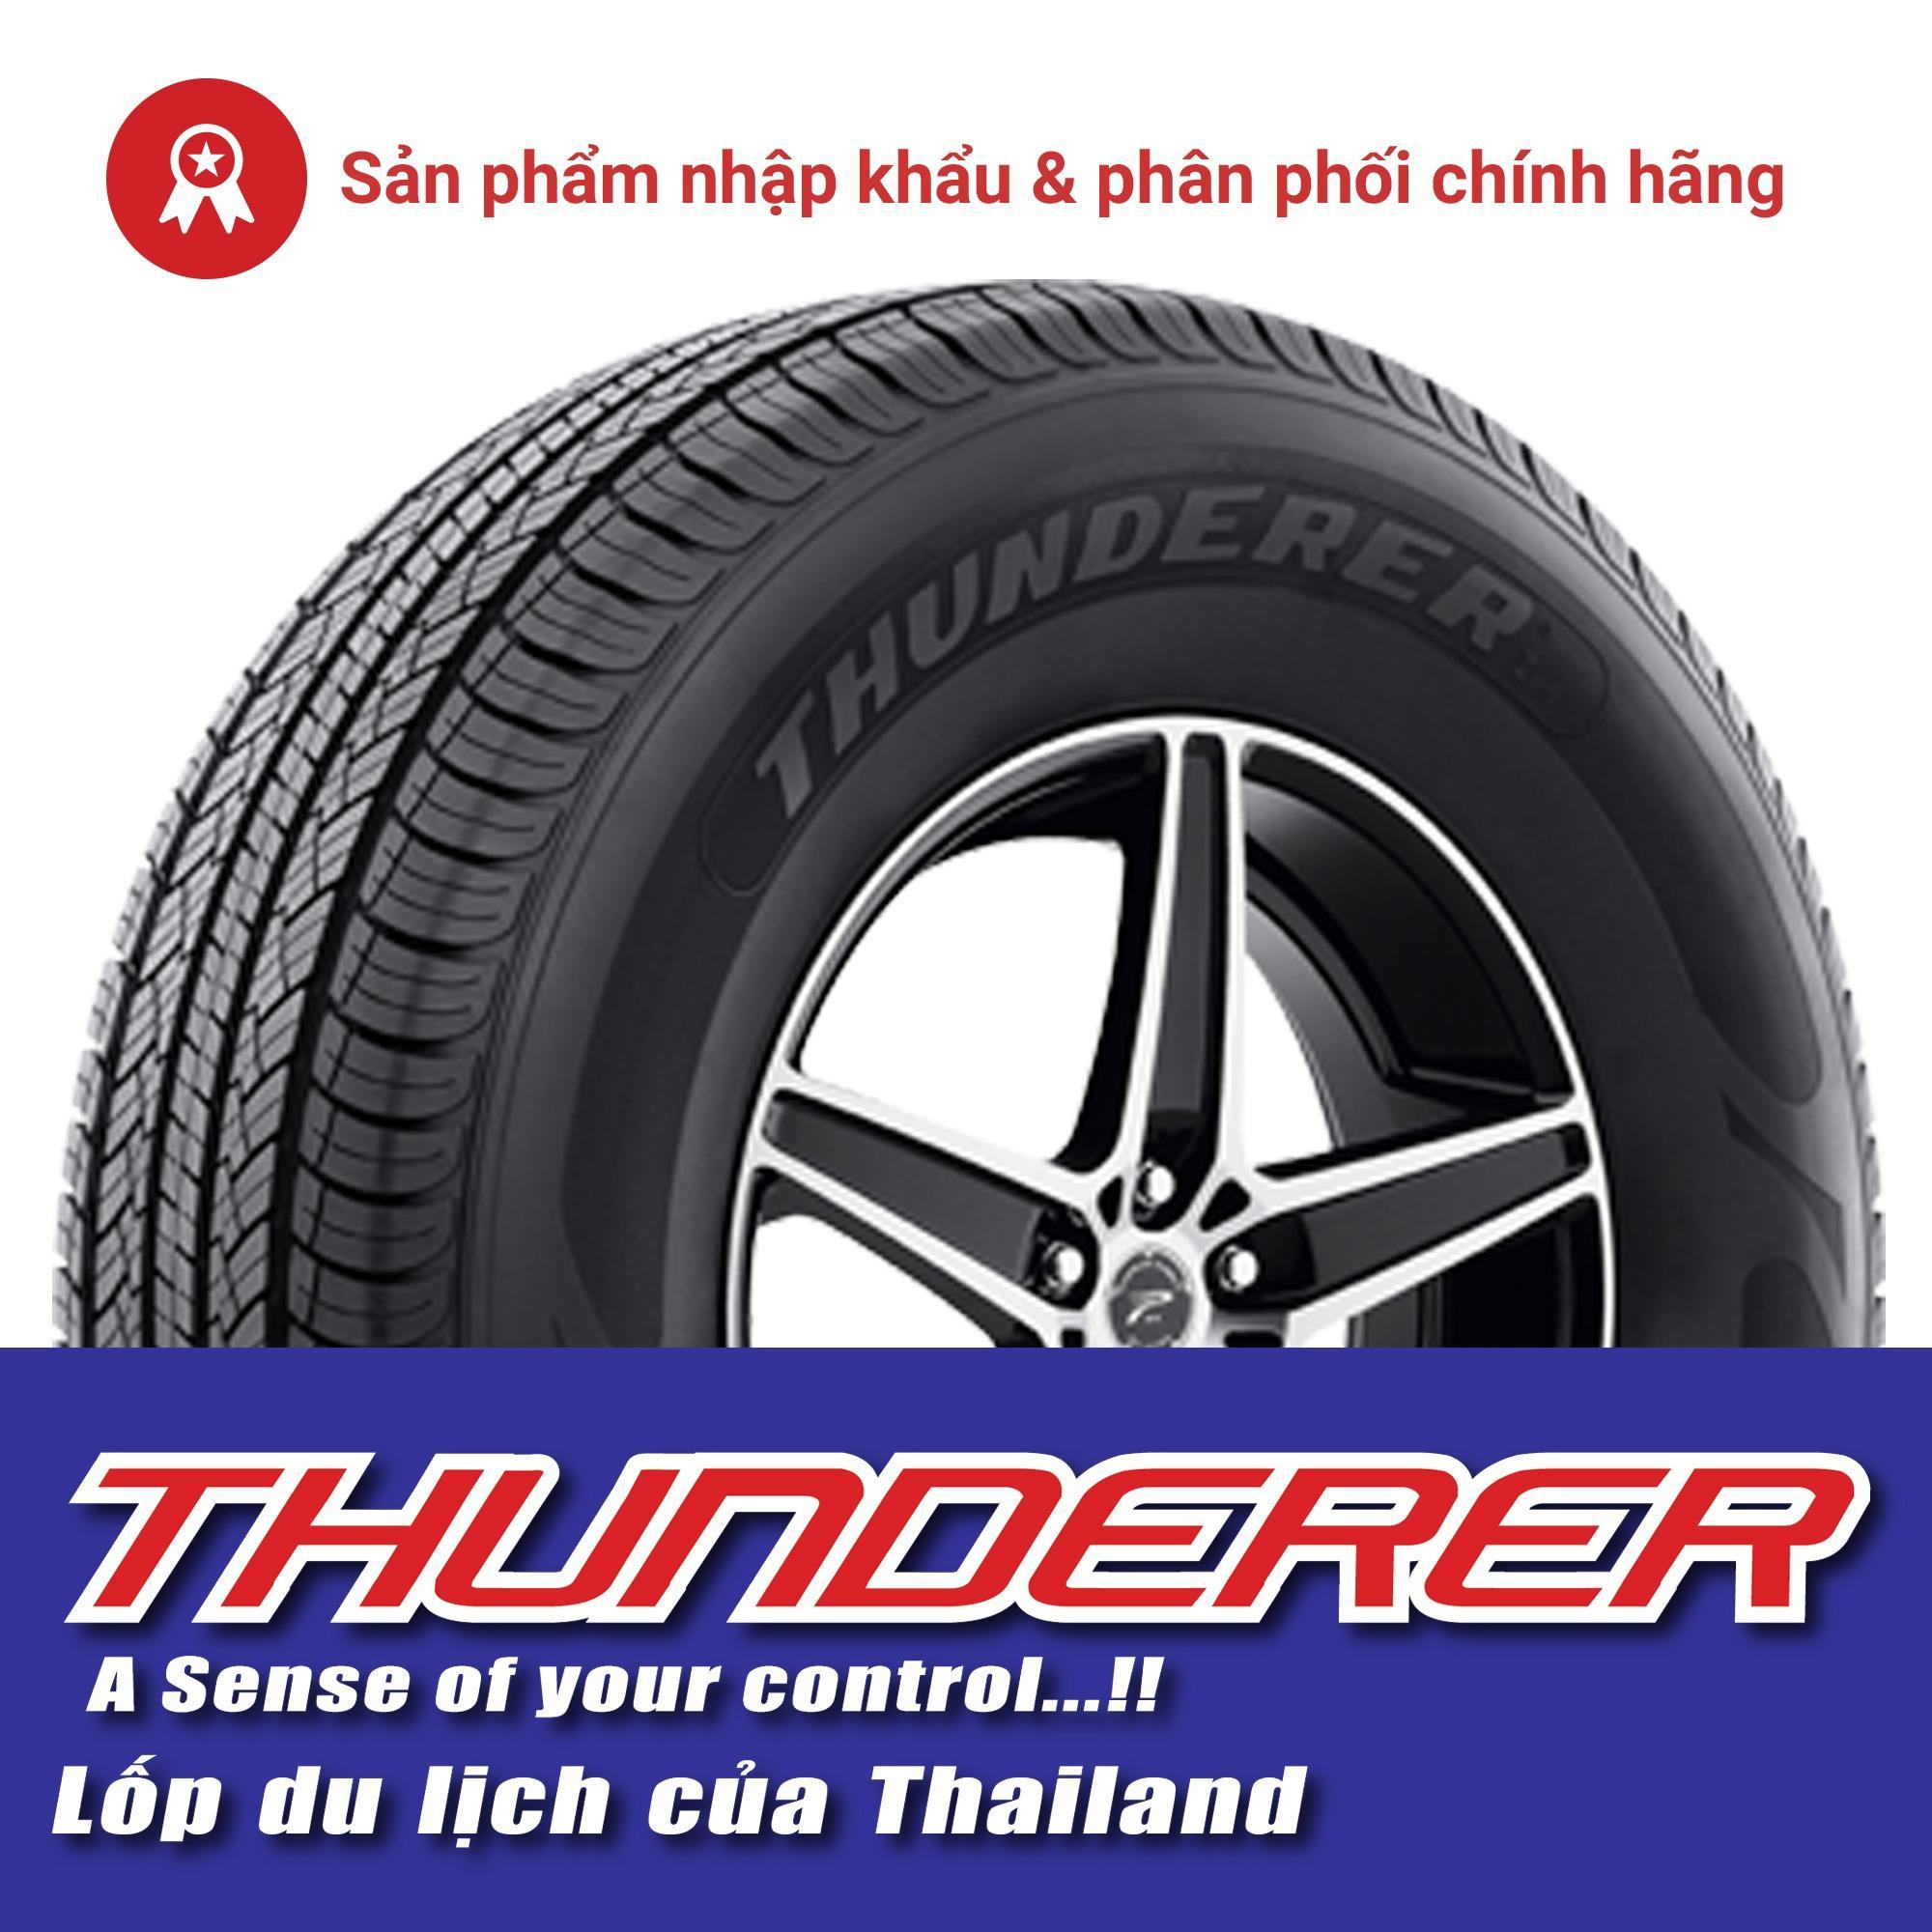 Ôn Tập Thay Cặp Lốp Vỏ Xe Oto 265 65R17 111H R601 Thunderer Chinh Hang Cho Xe Toyota Fortuner Toyota Hilux Toyota Landcruiser Mitsubishi Pajero Ford Ranger Combo 02 Lốp Vỏ Trong Hồ Chí Minh